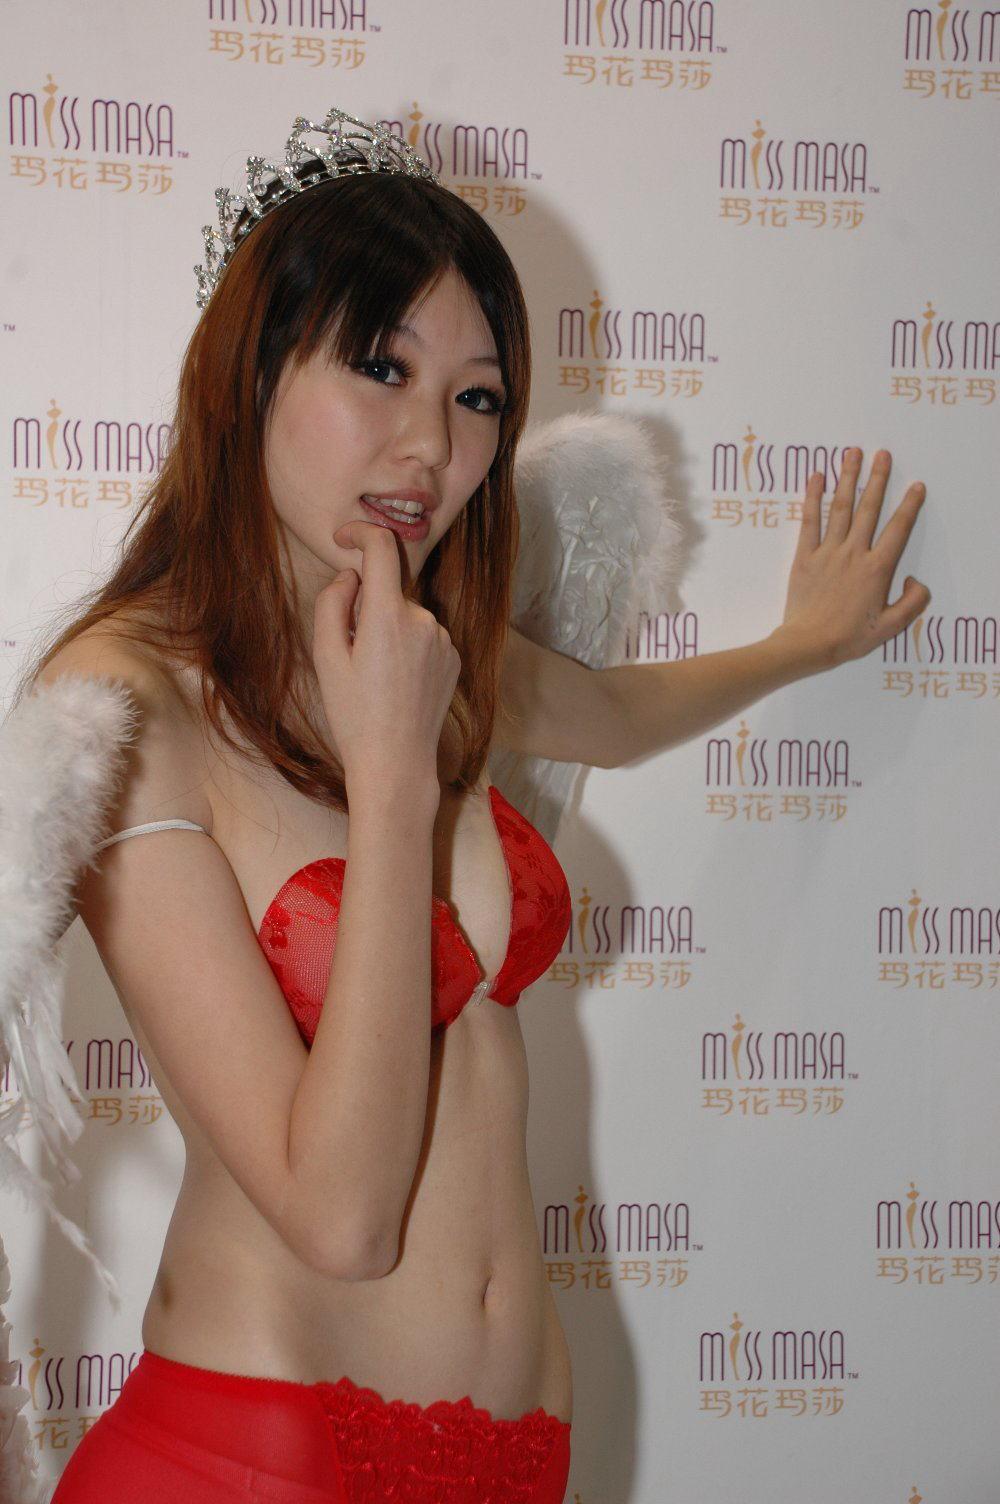 中国人美女の下着モデルのファッションショー…マン毛透けてるのは気のせいだろうか?wwwww(画像あり)・6枚目の画像